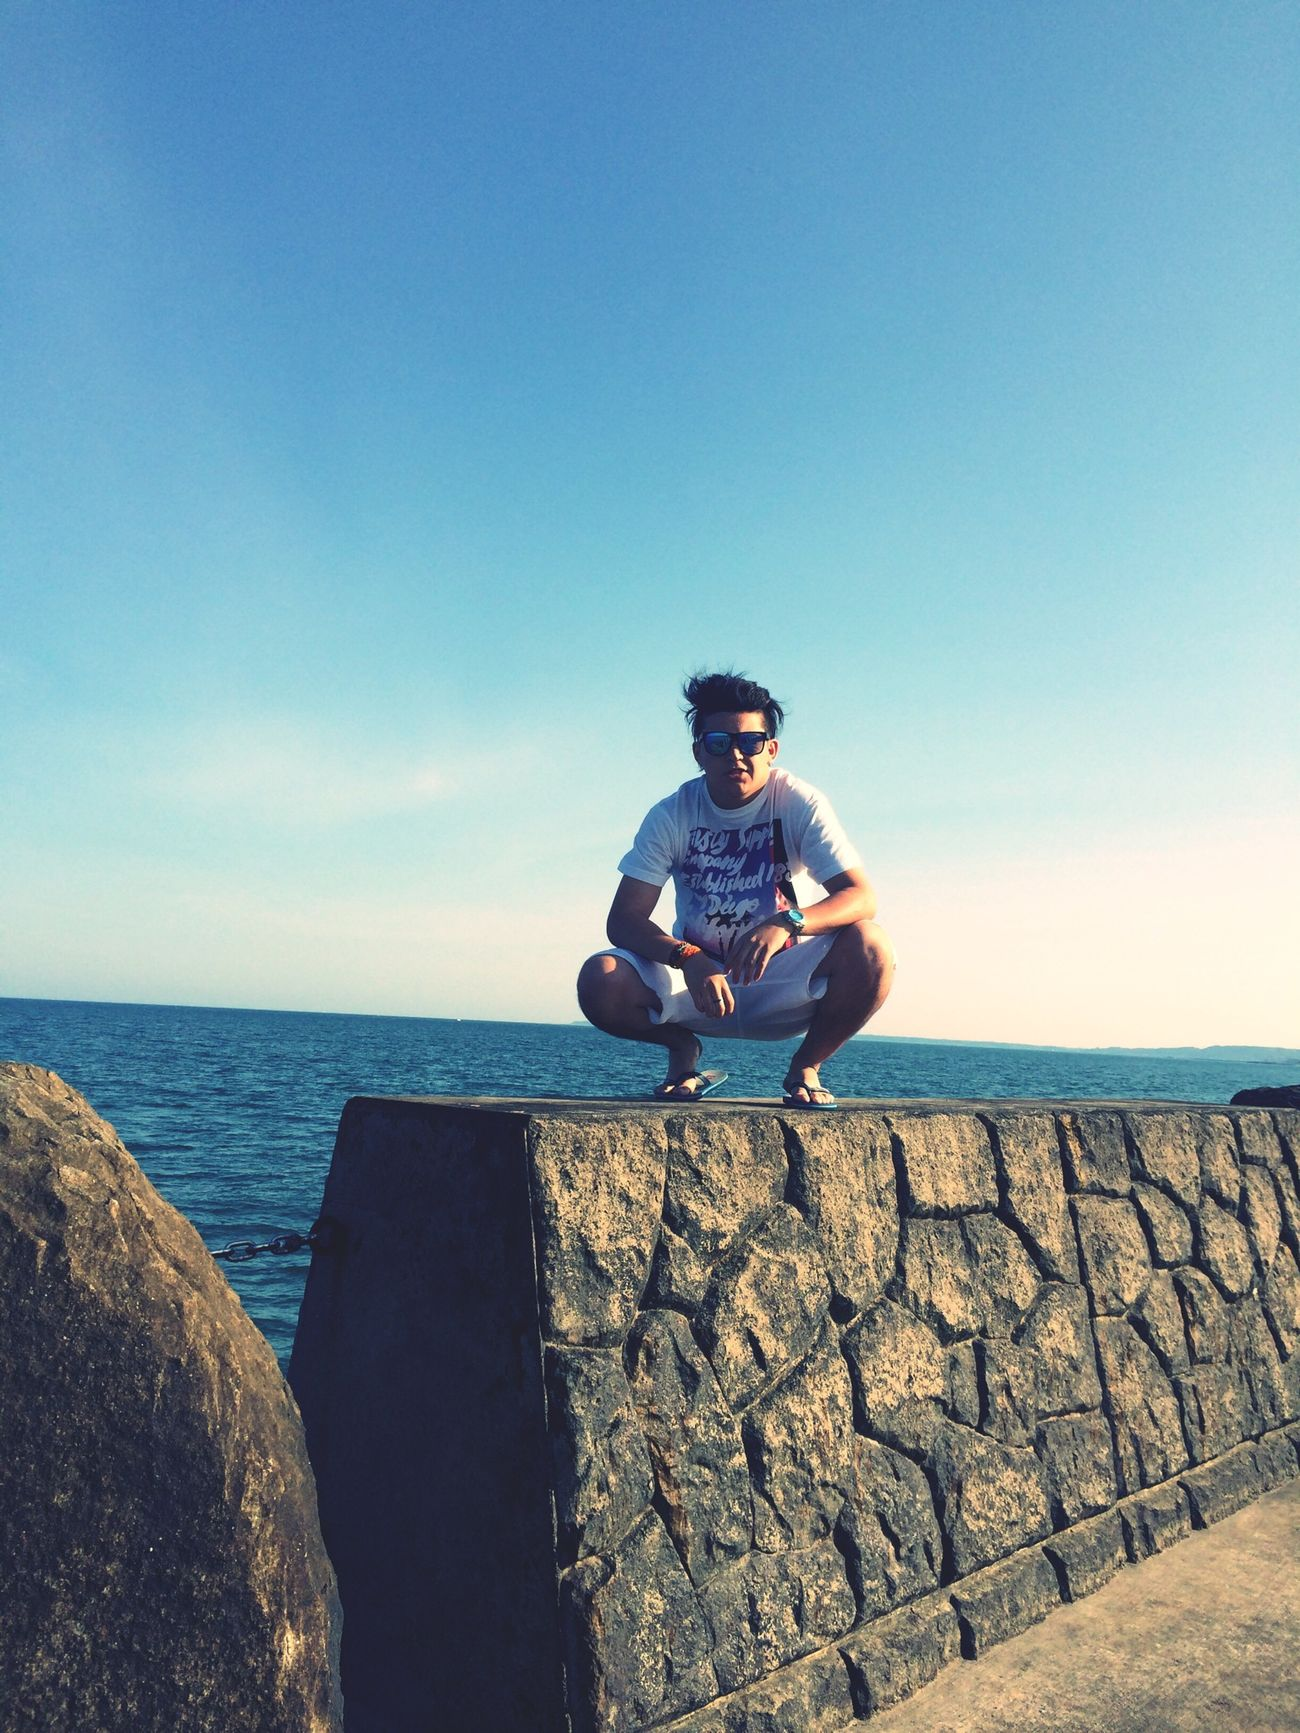 Check This Out Sea Blue Sky Enjoying Life Disfrutando de la brisa y del mar !!